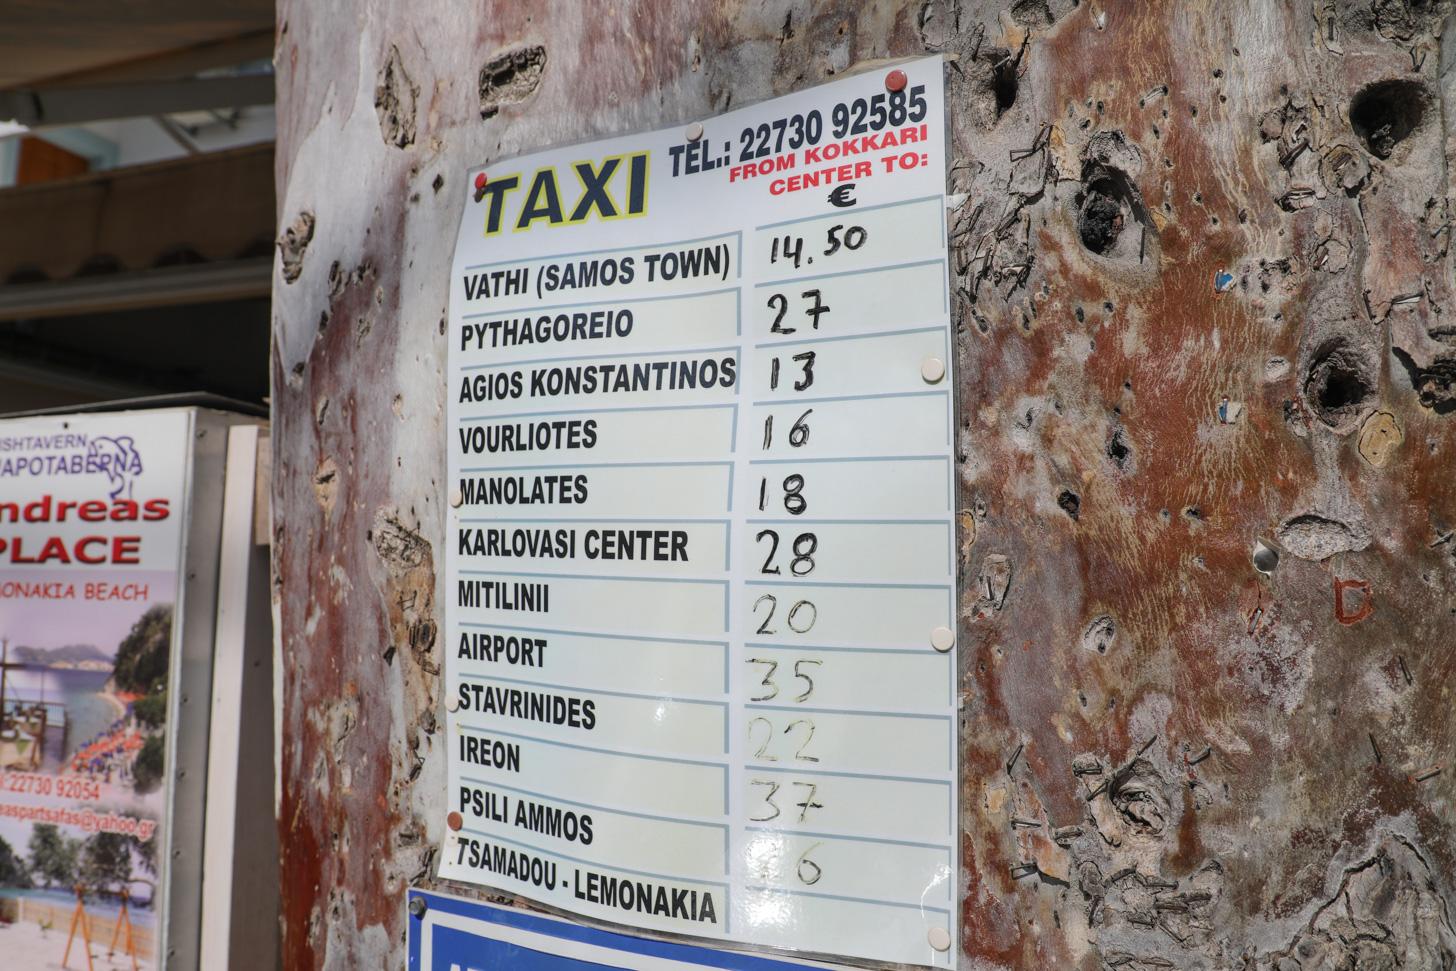 Taxiprijzen op samos